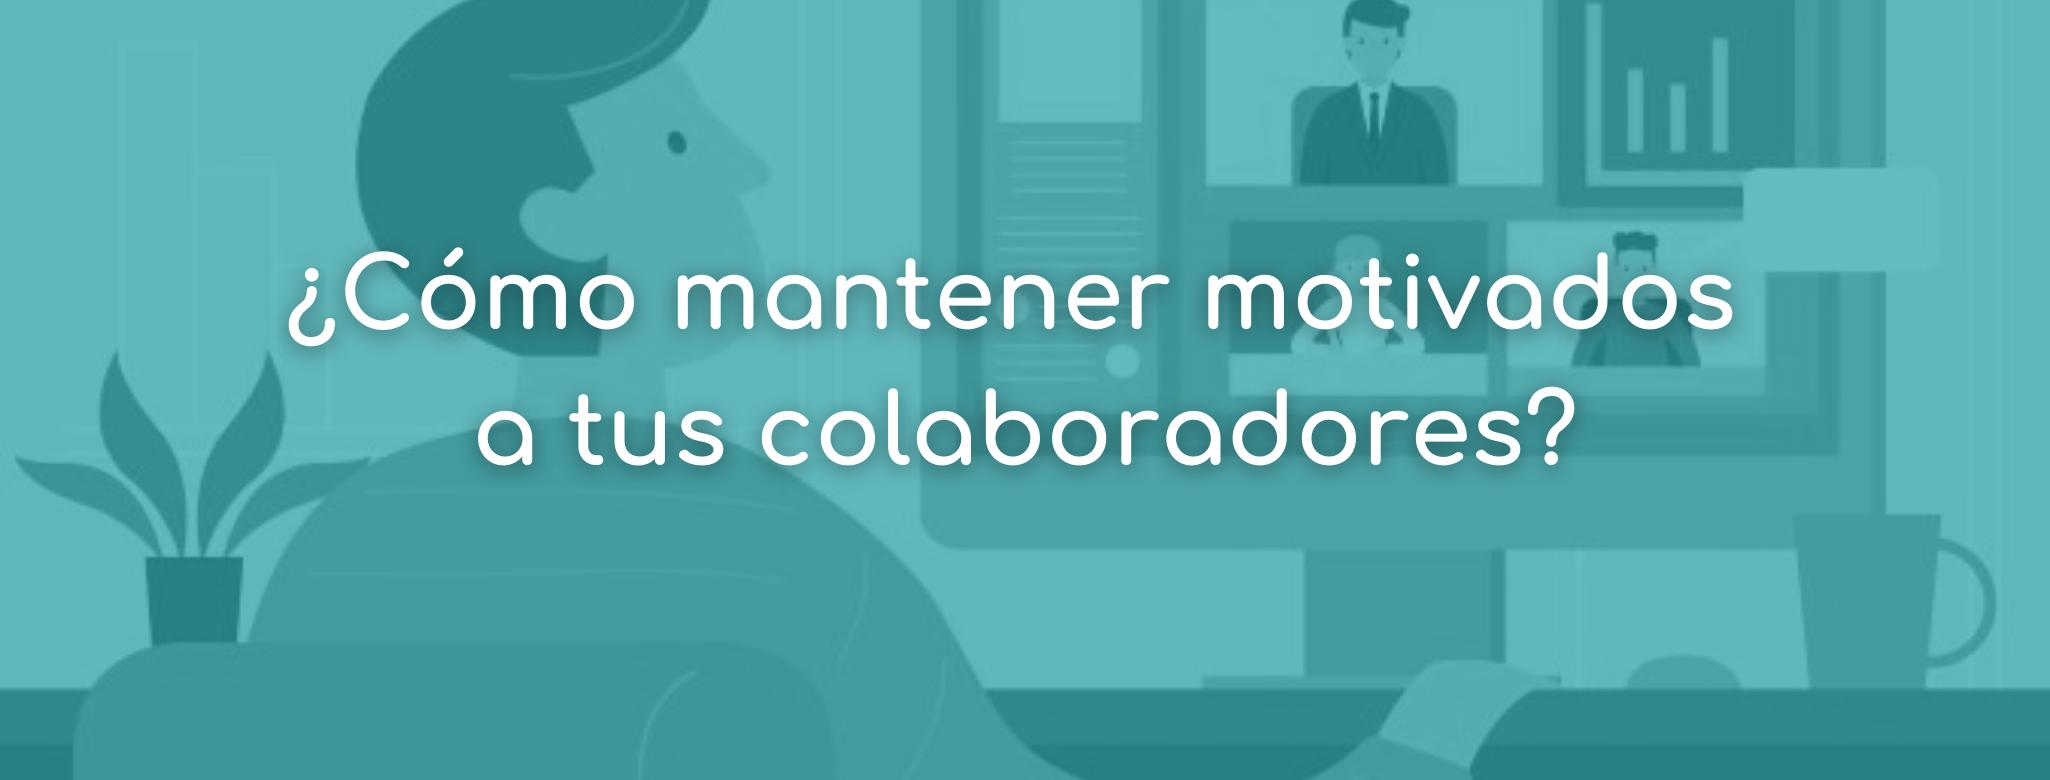 motivacion colaboradores deventos